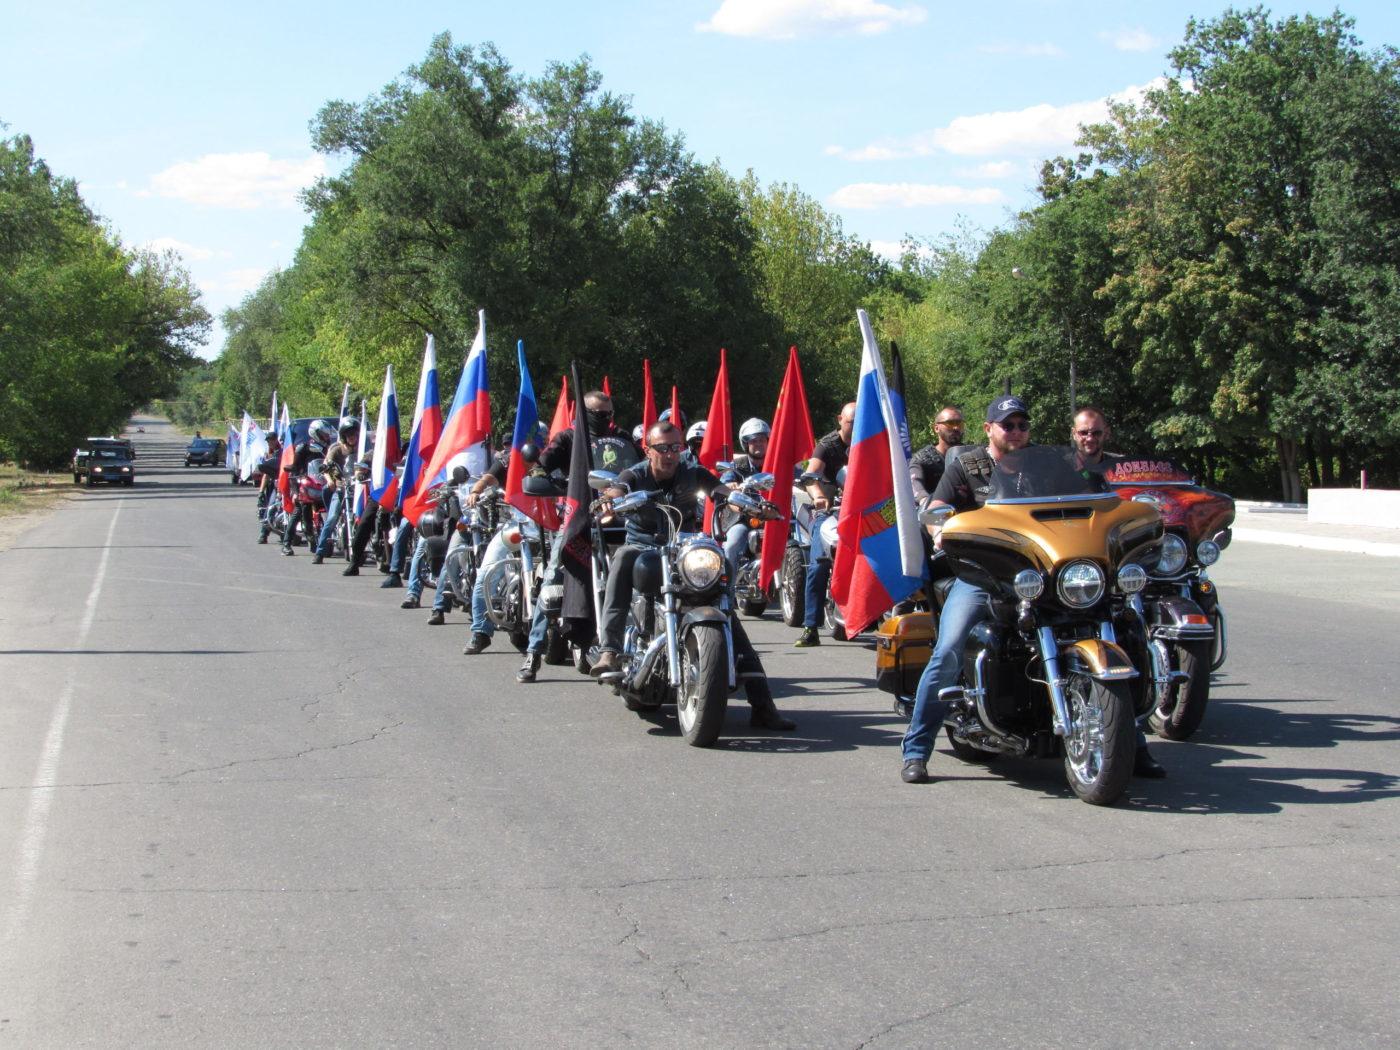 В Стаханове состоялся автопробег, посвященный 85-й годовщине Стахановского движения